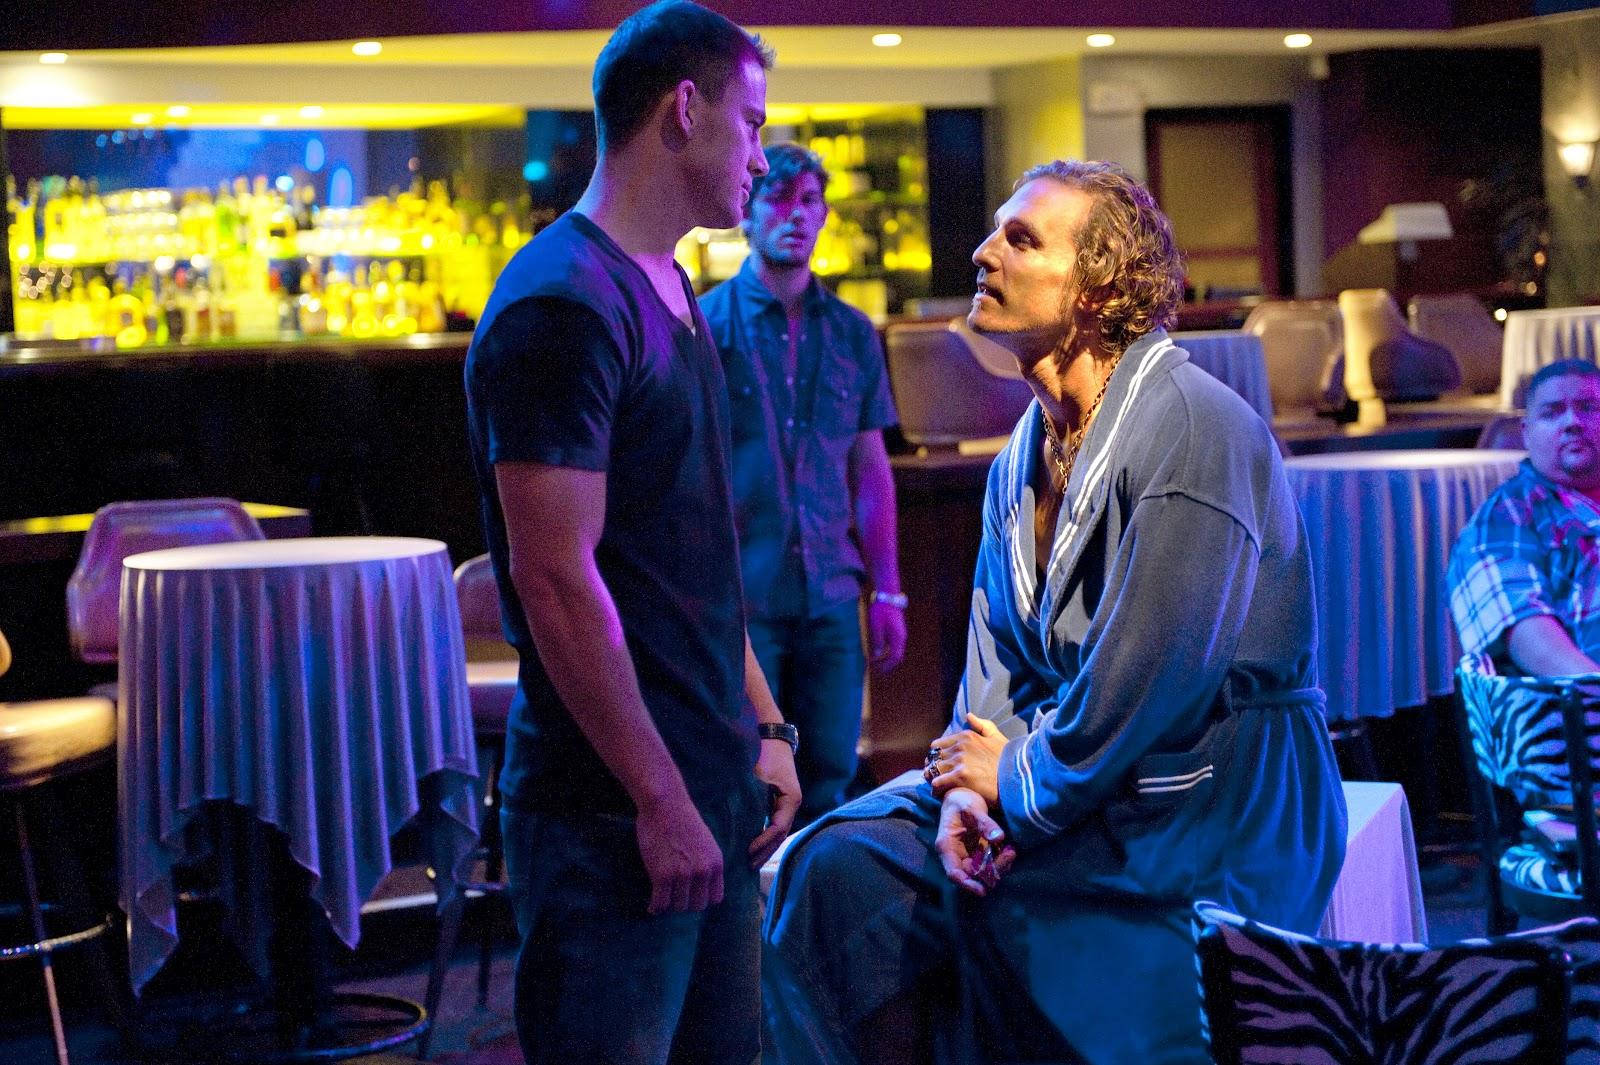 http://4.bp.blogspot.com/-jFC1vYF5ois/T9EVUSdy_iI/AAAAAAAAD8c/Wwk5BgPzGmg/s1600/Matthew-McConaughey-Magic-Mike-5.jpg